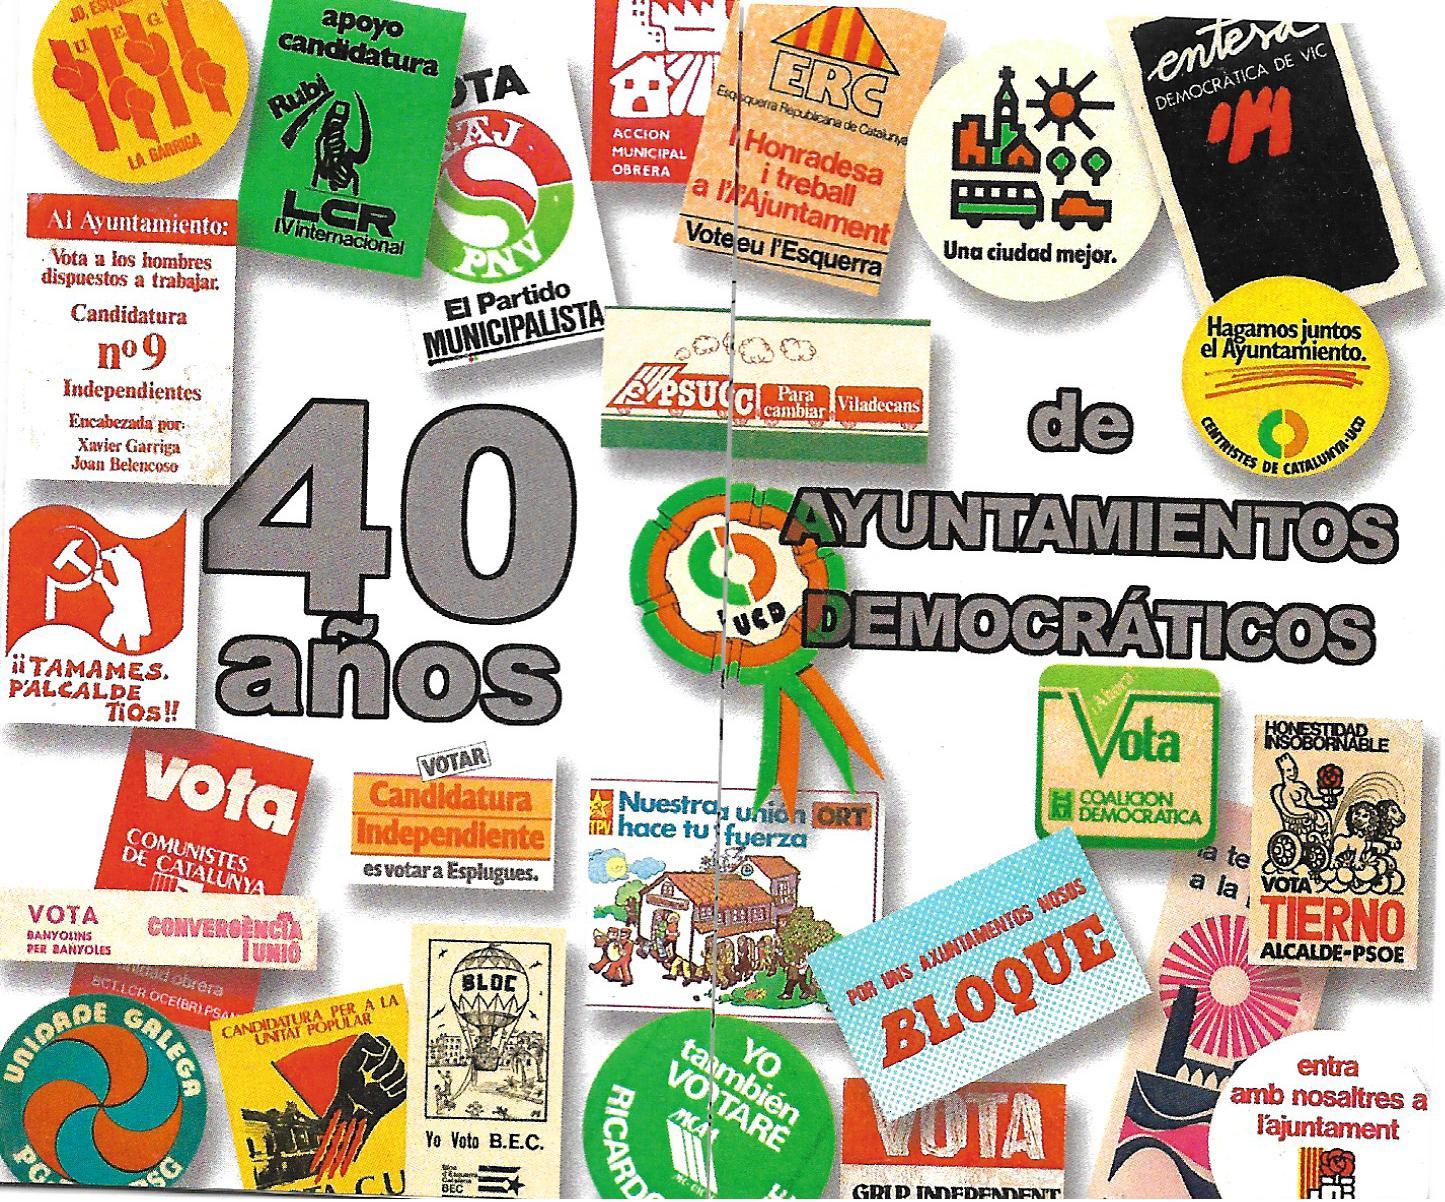 EXPOSICION 40 AÑOS DE AYUNTAMIENTOS DEMOCRATICOS